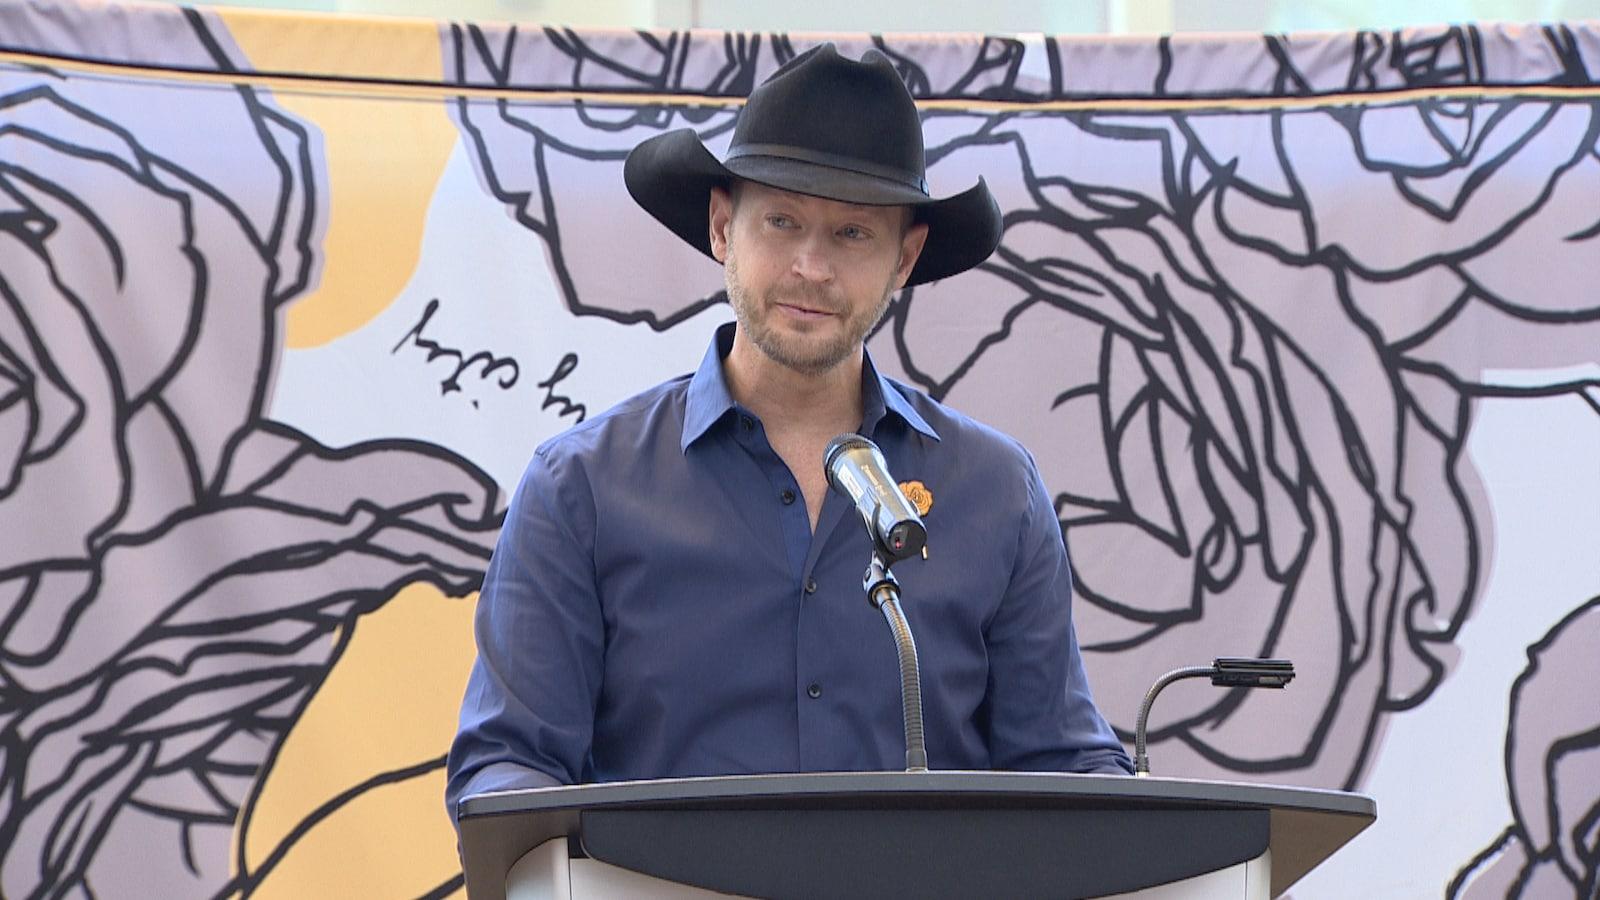 Le chanteur Paul Brandt fait une allocution devant une estrade avec micro. Derrière lui, une grande toile avec le logo de sa campagne de sensibilisation (des roses) est affichée.